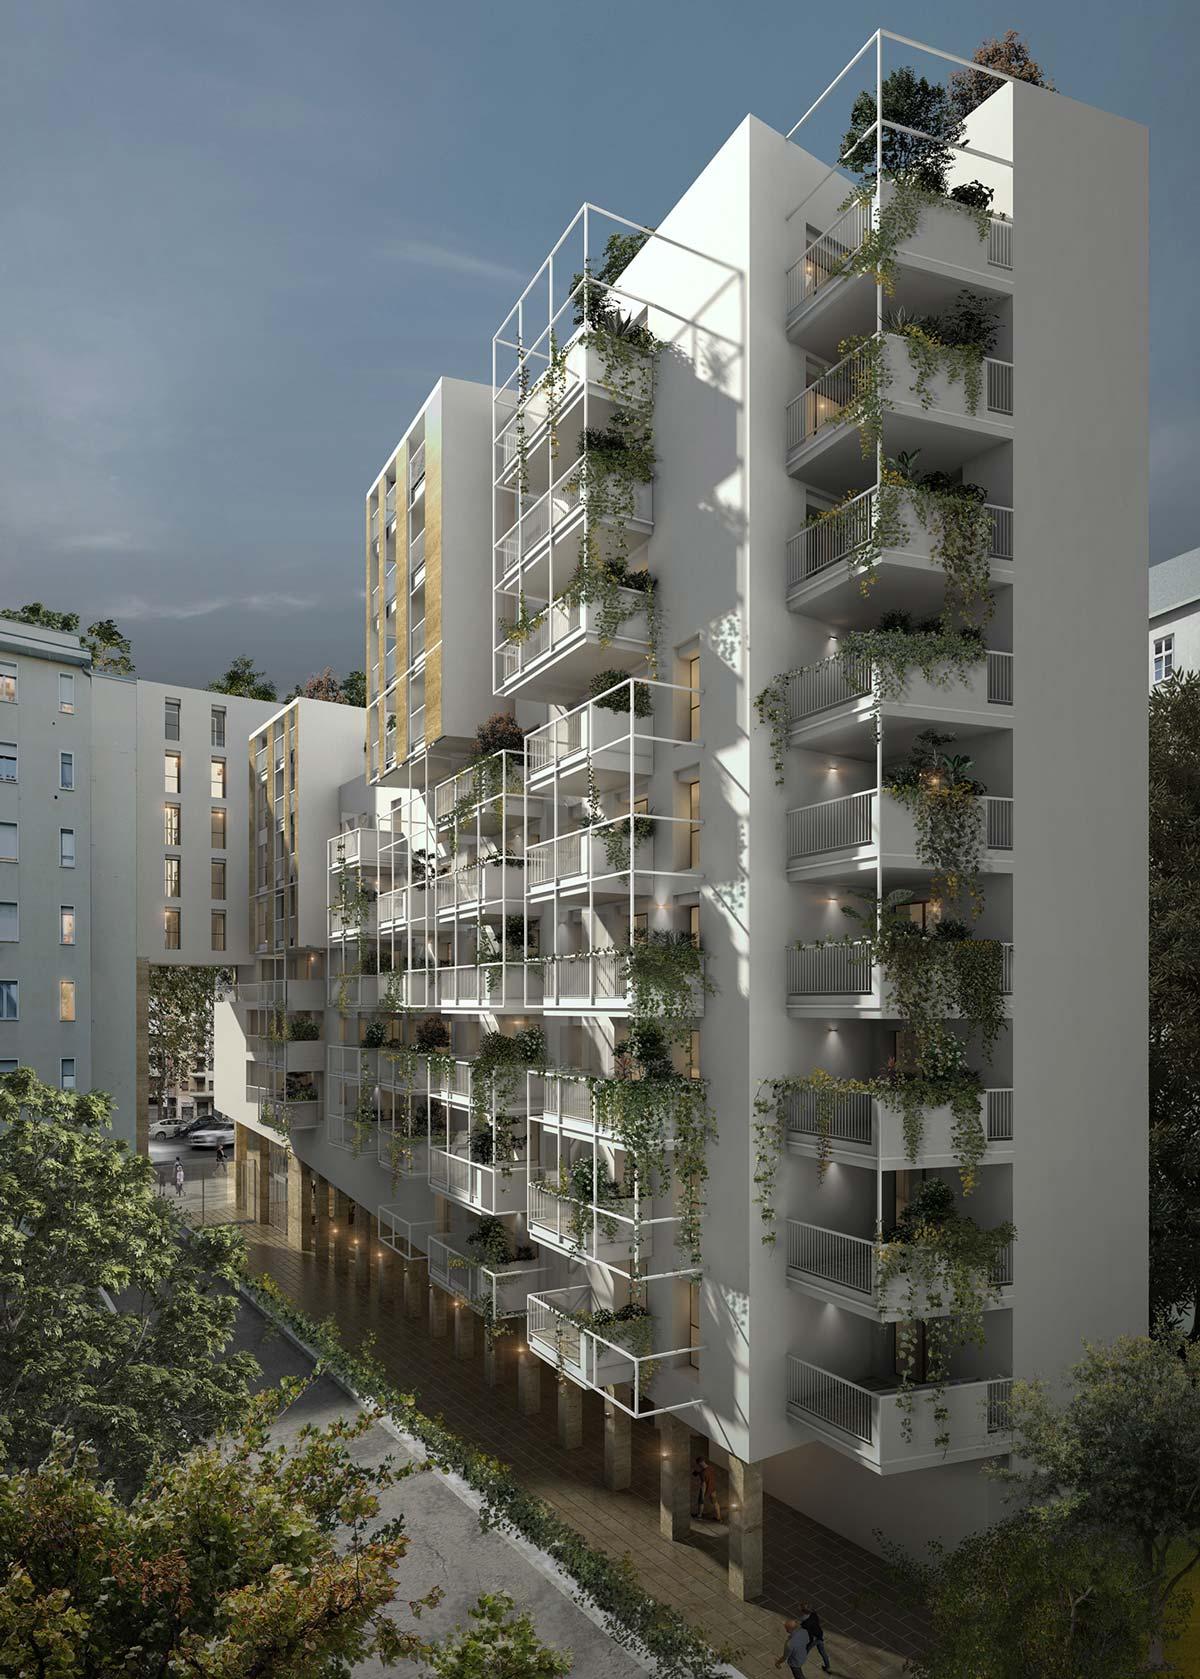 Degli-Esposti-Architetti_Milano-Casa-Selene-New-Residential-Building_06